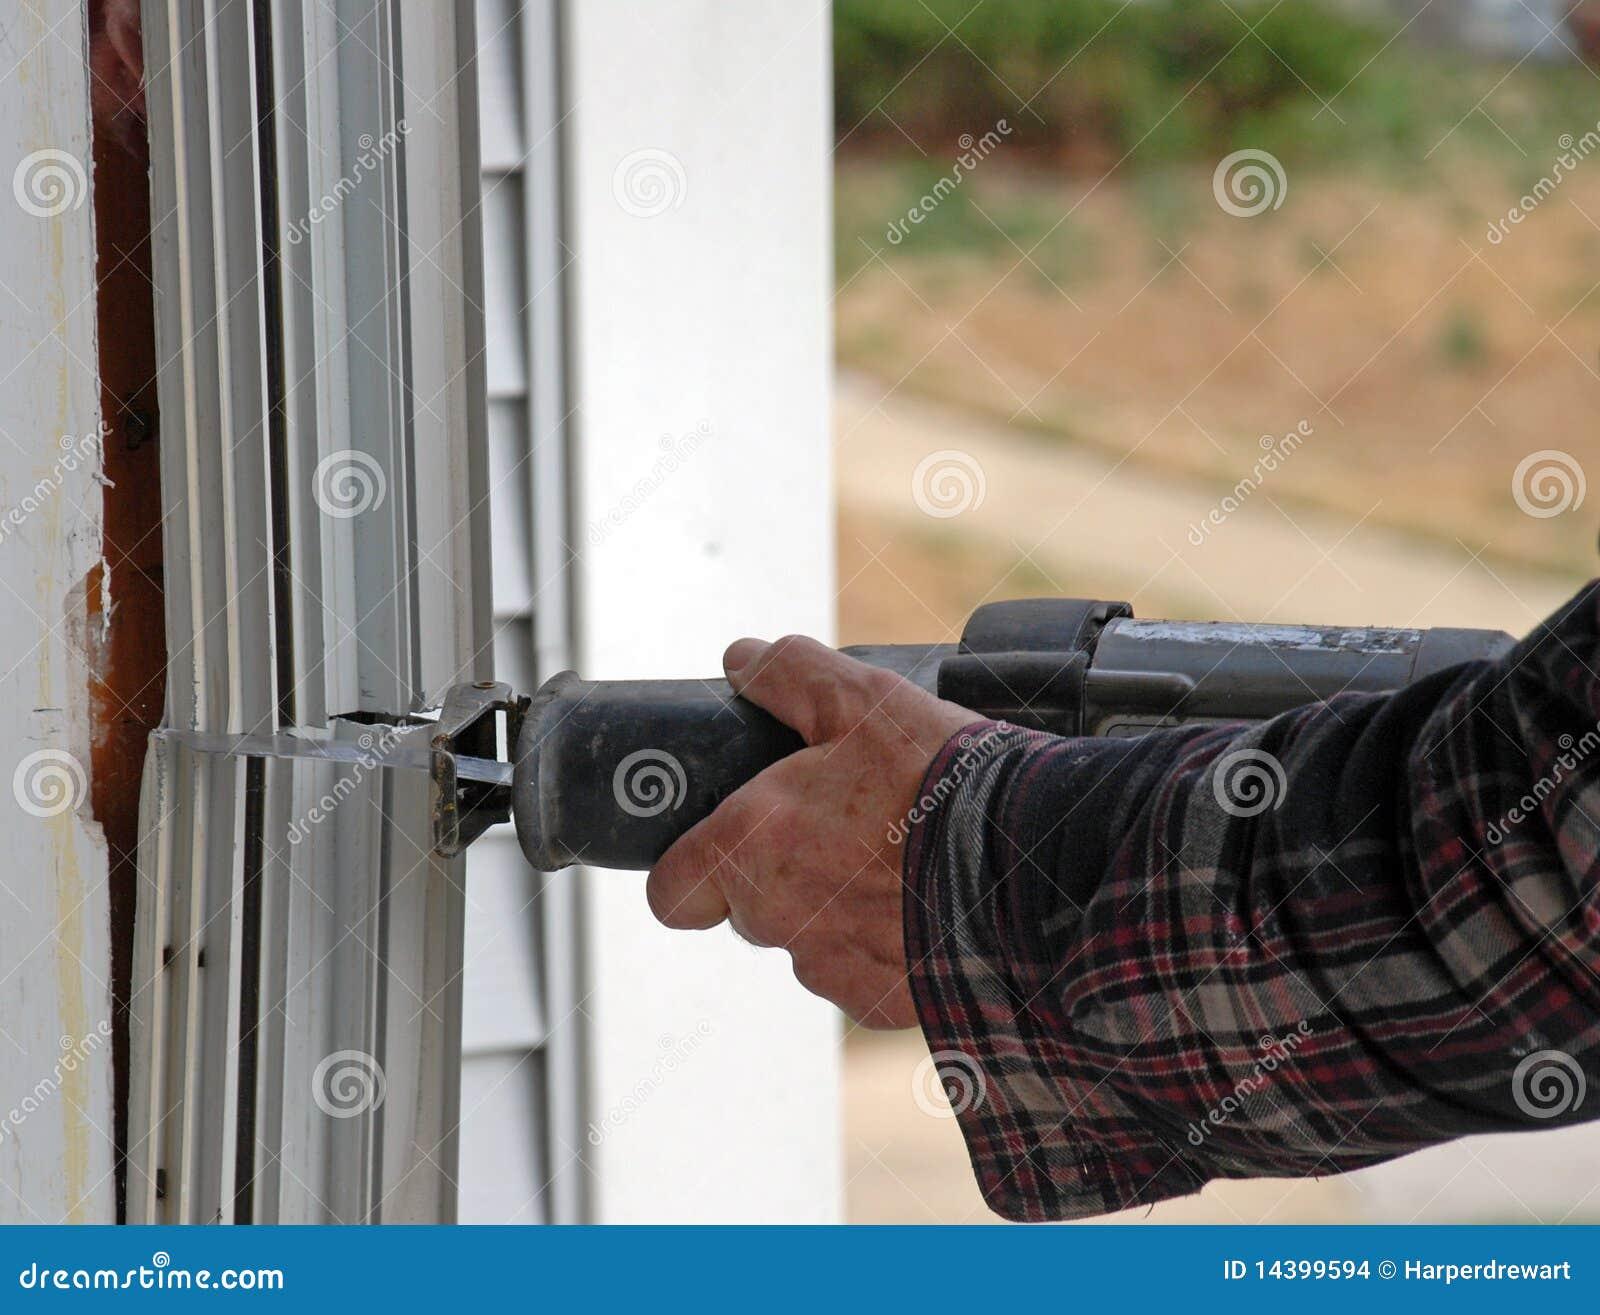 Zastępstwa okno